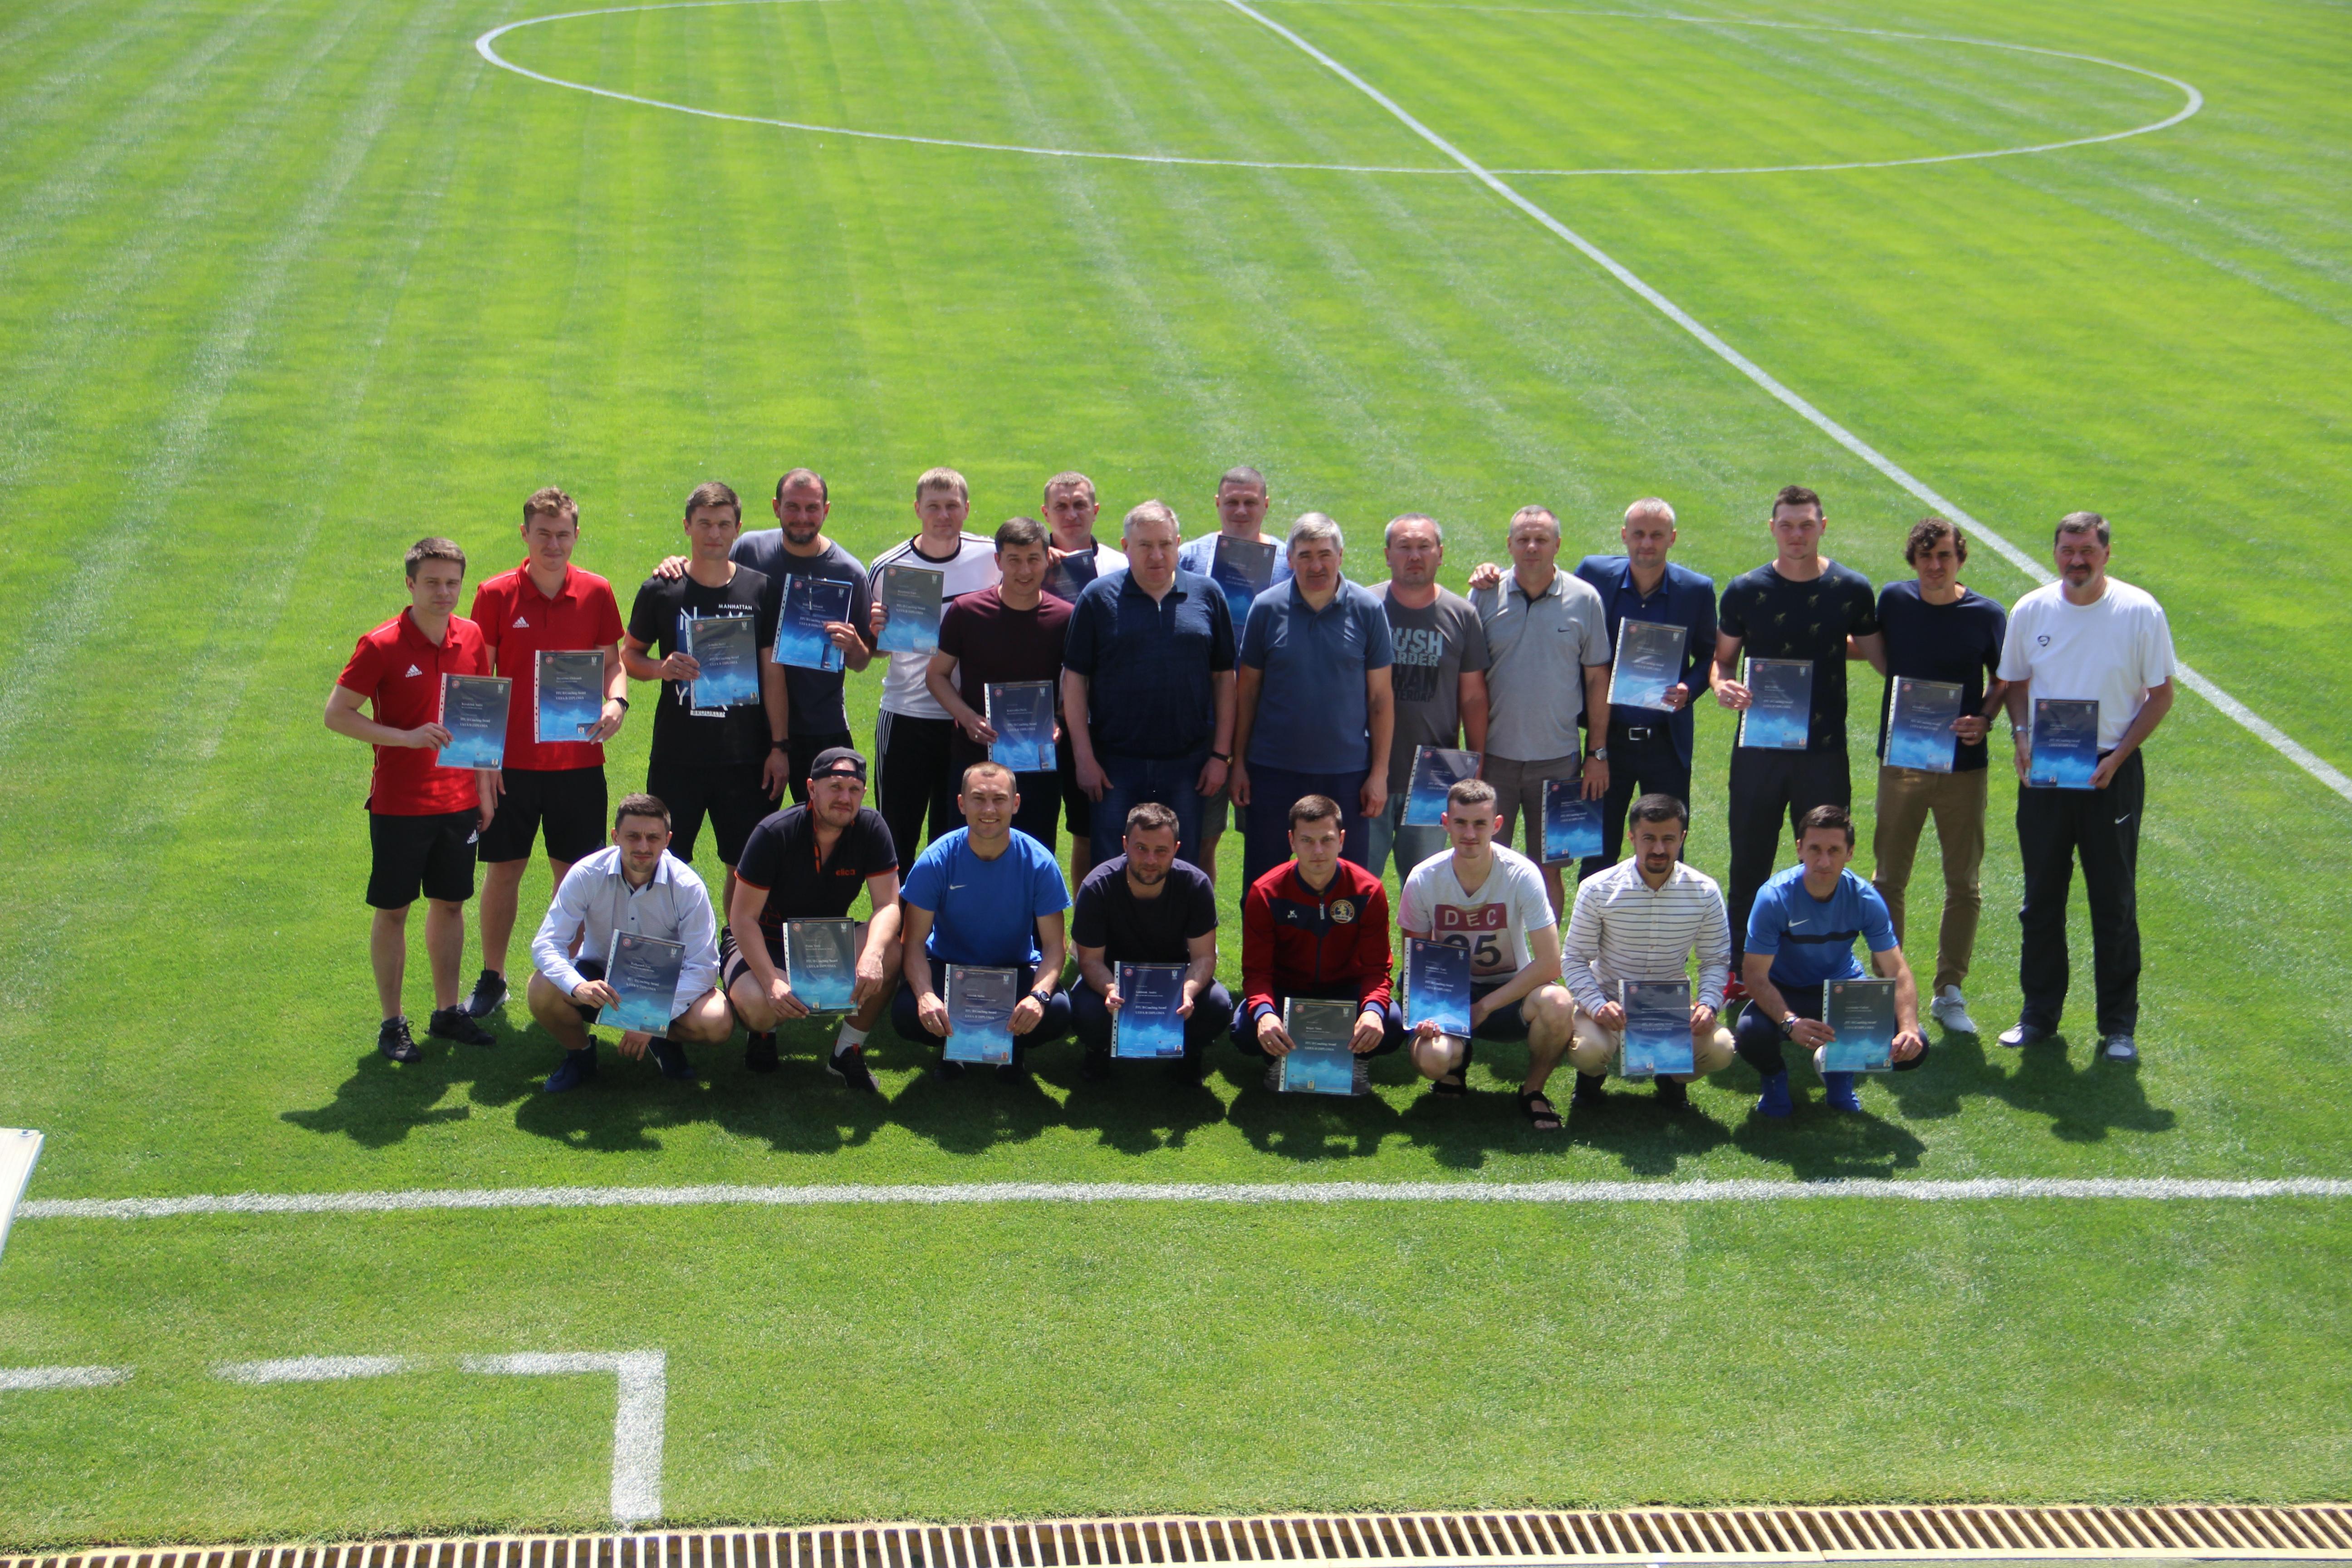 У період з 3 по 7 червня 2019 року відбулась остання сесія другої групи В-диплому UEFA